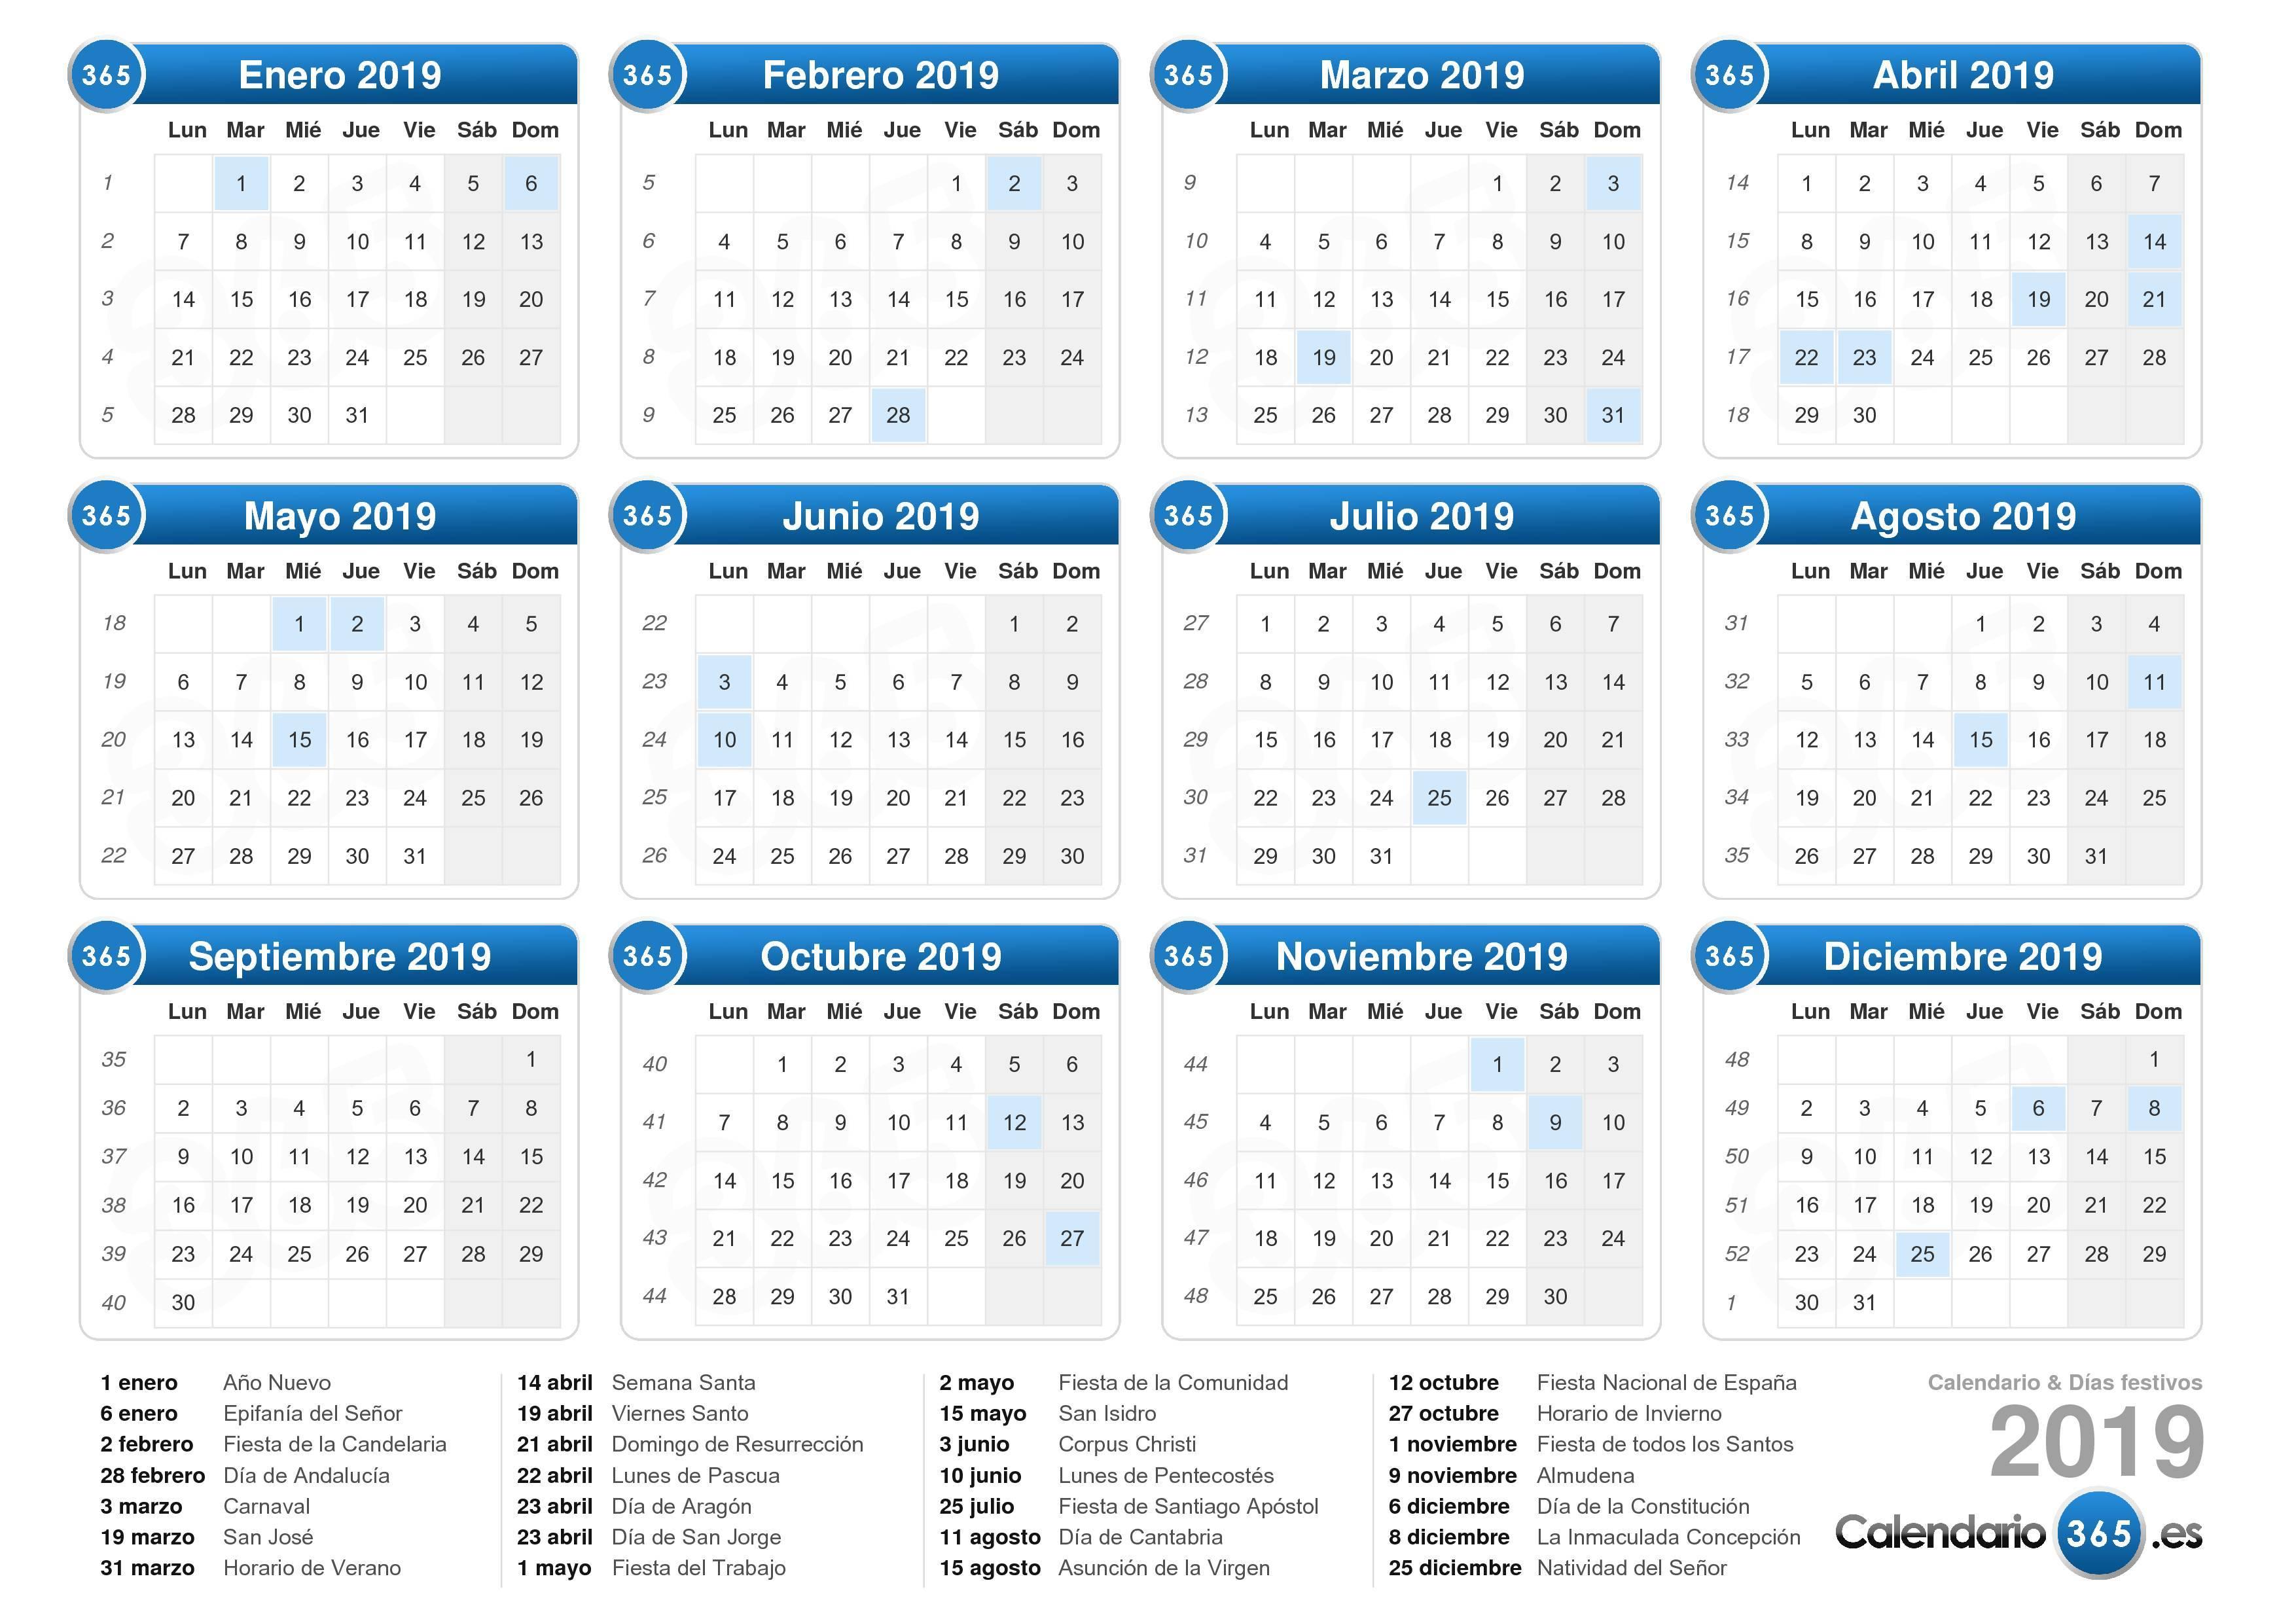 Calendario Con Excel.Calendario 2019